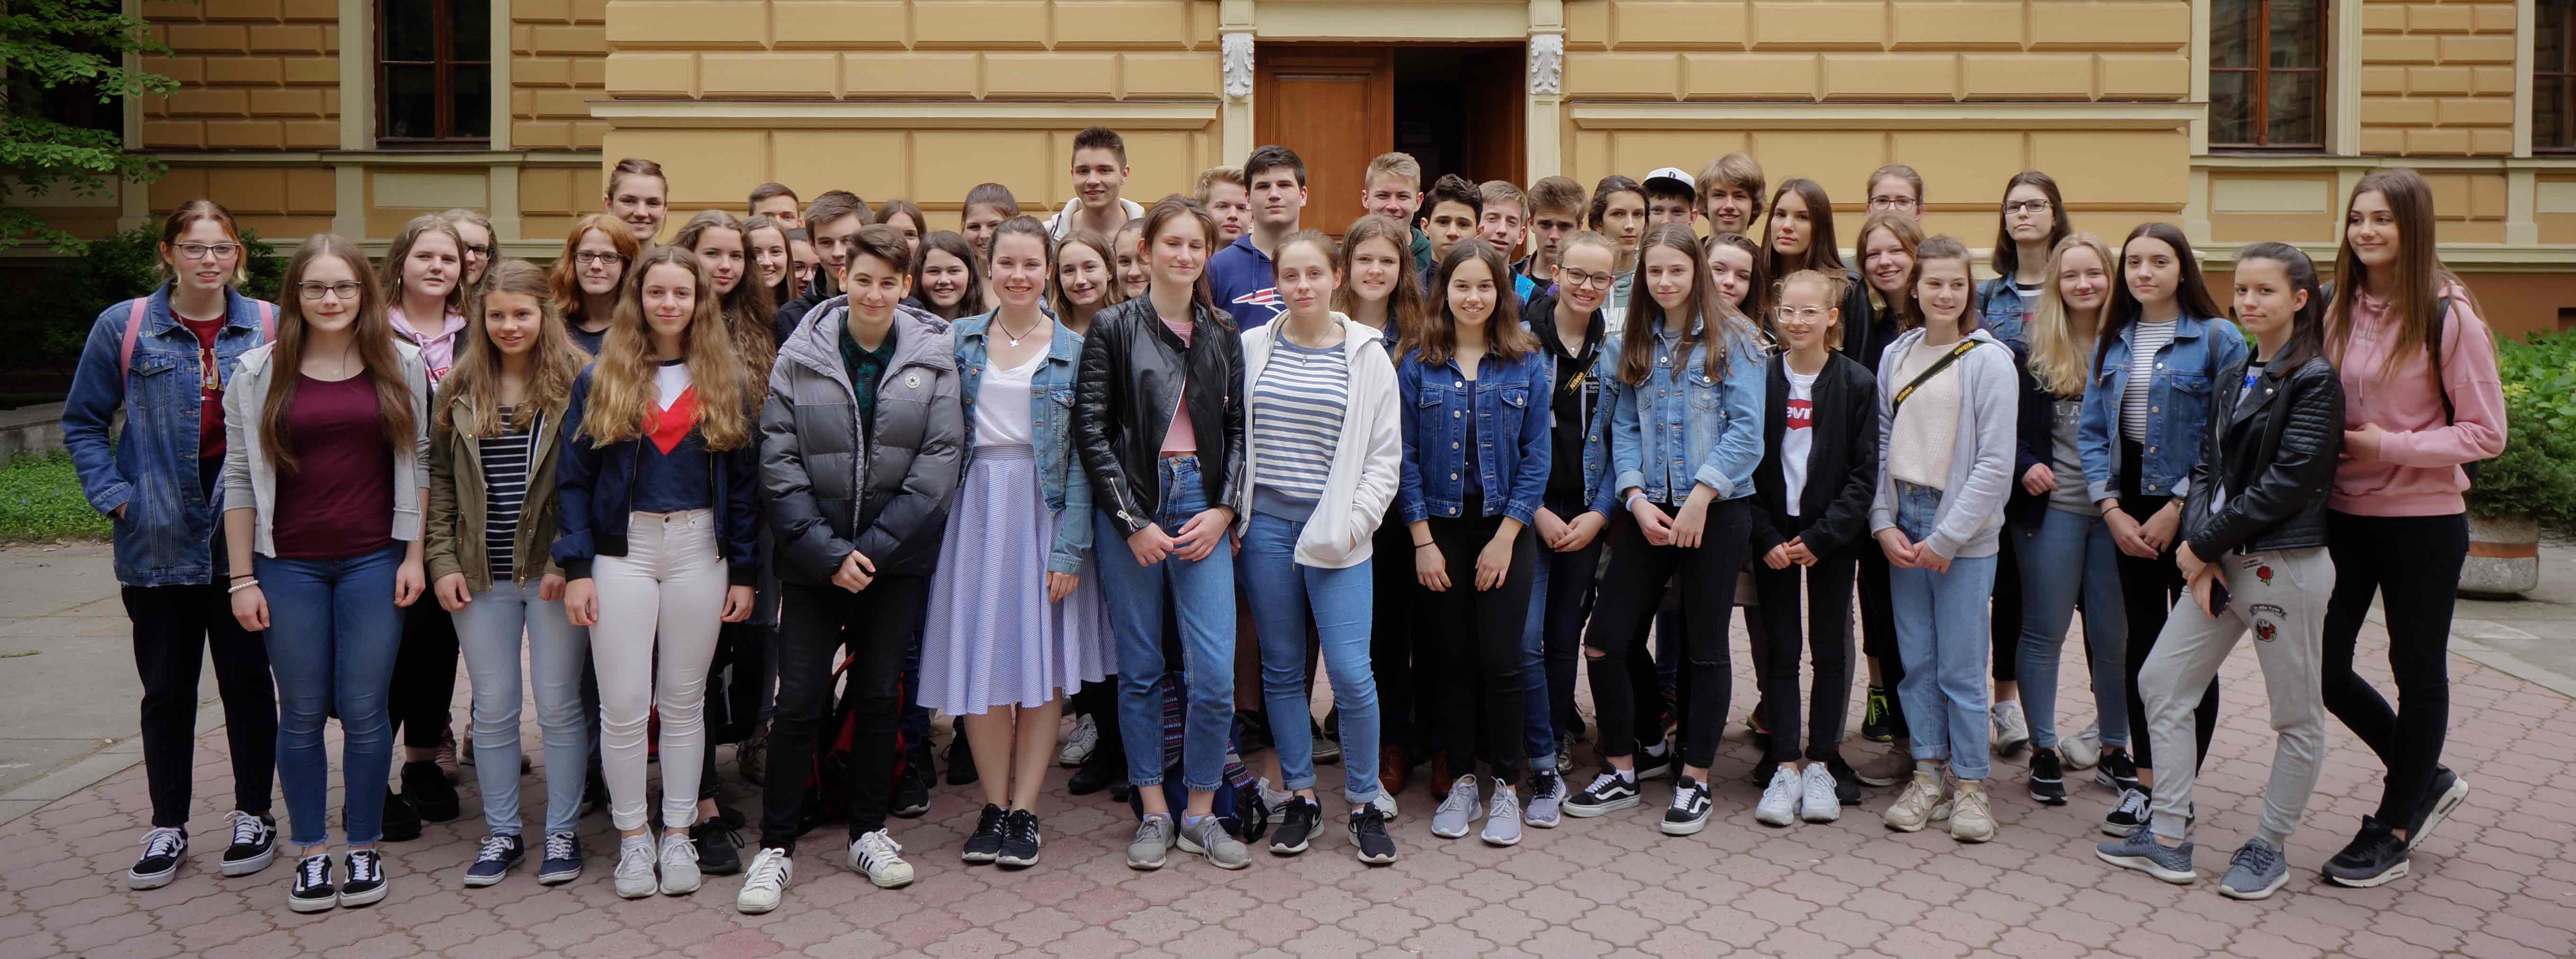 Gruppenbild_Serbien_2018.jpg